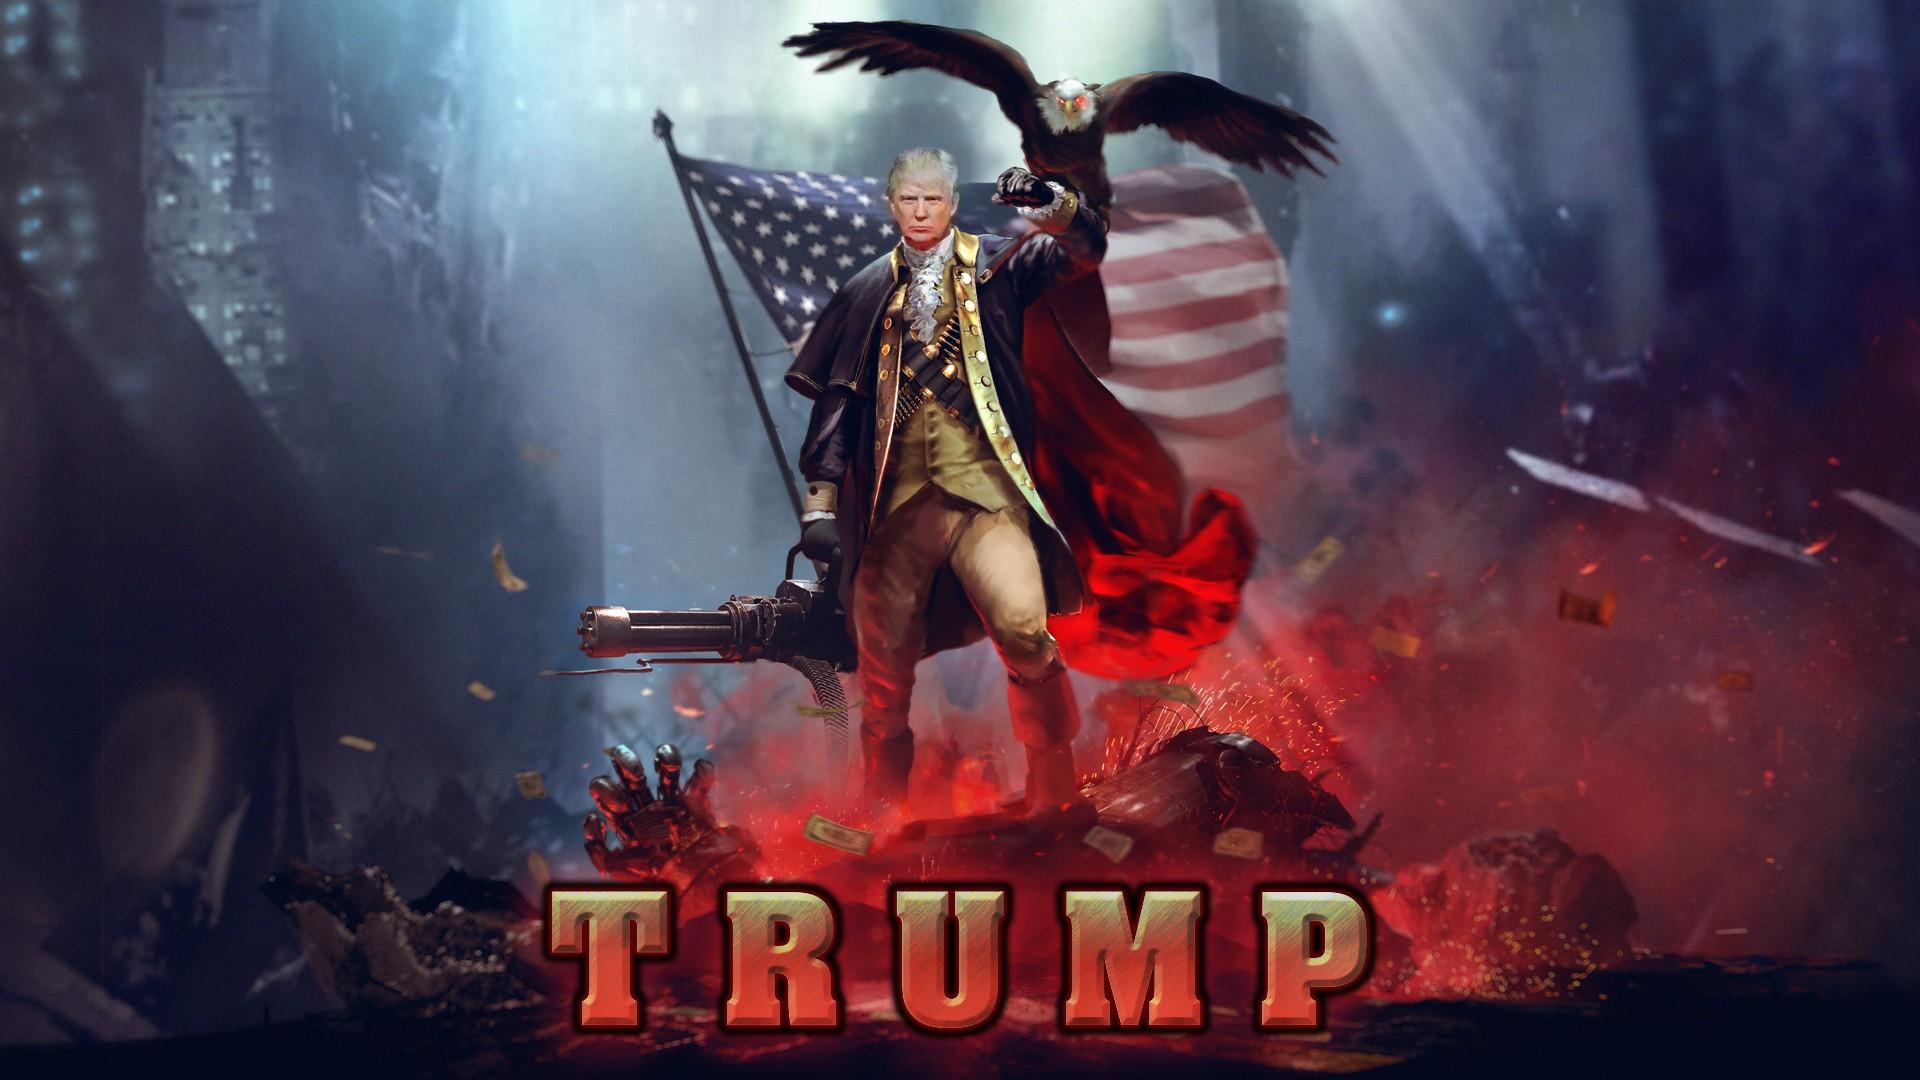 Wallpaper 1920x1080 Px Apocalyptic Donald Trump Politics